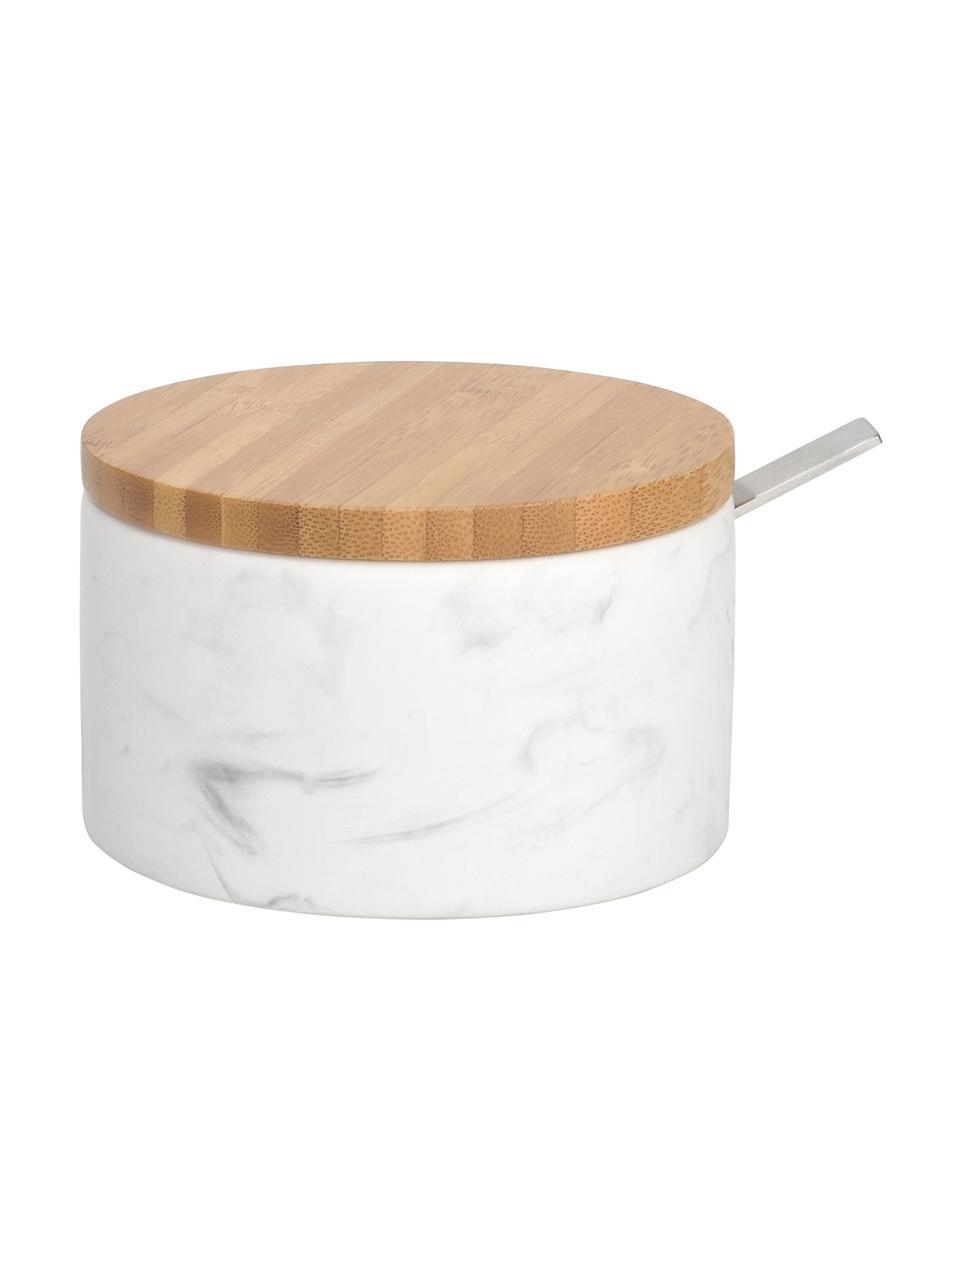 Sucrier en céramique avec cuillère Kalina, Blanc, marbré, bambou